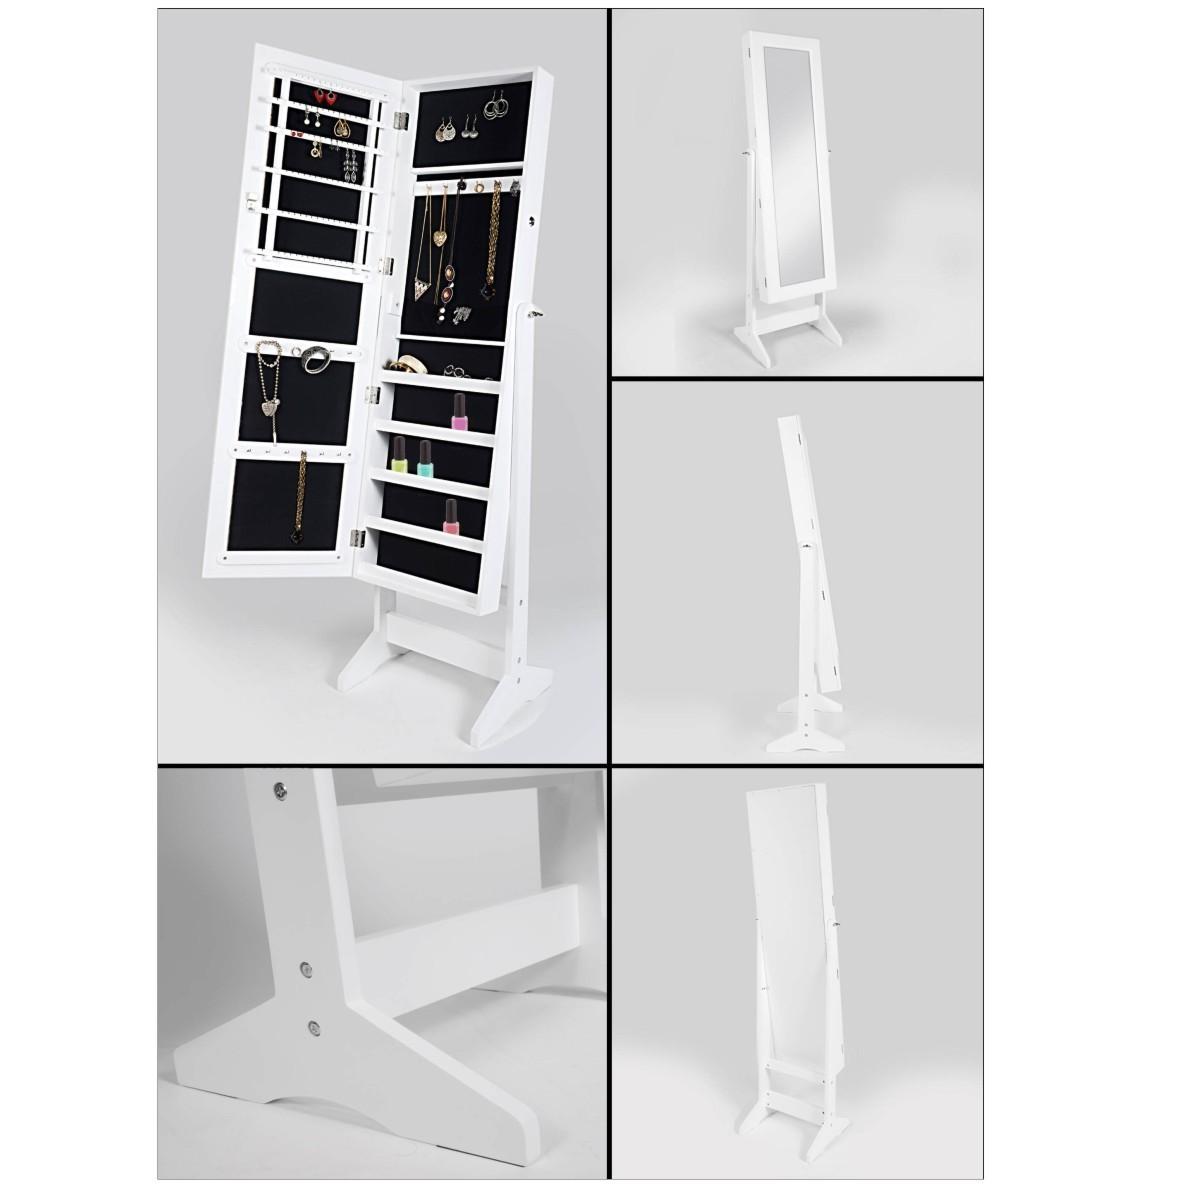 Mueble con espejo y joyero pedestal y organizador con cajonera - Mueble espejo joyero ...